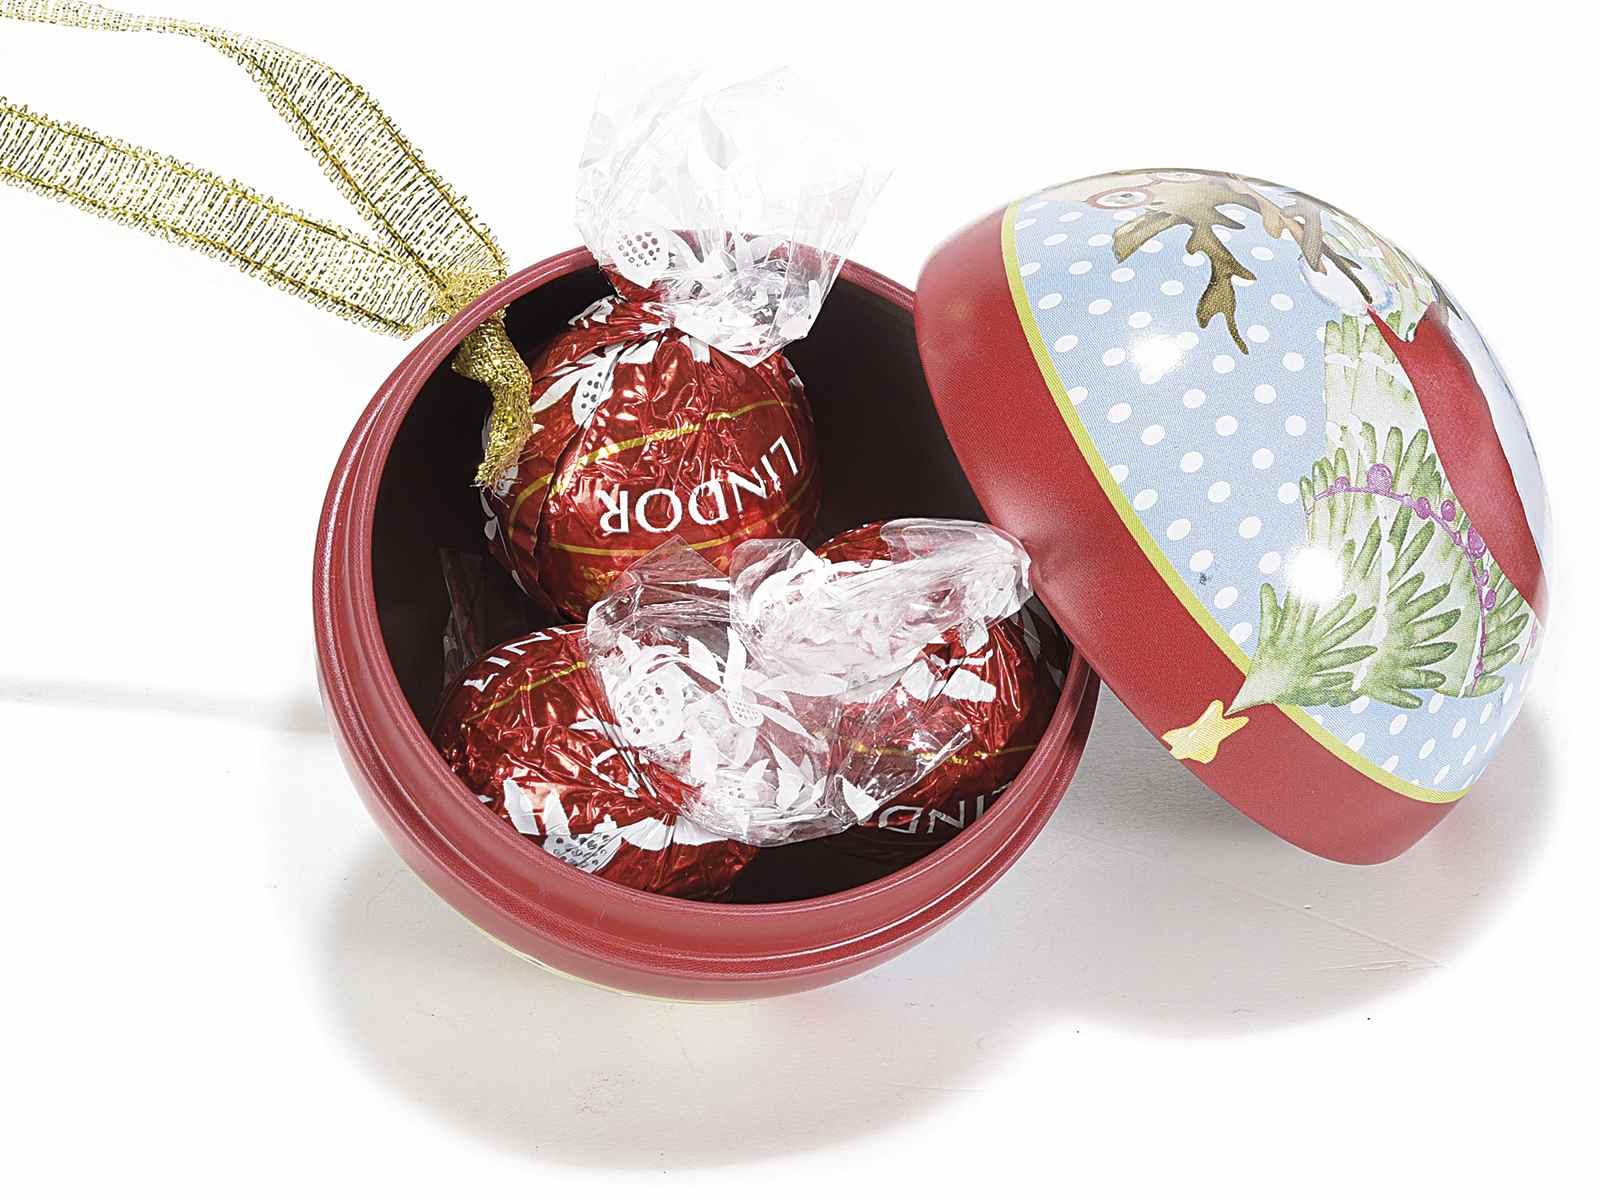 Boule en métal ouvrable à suspendre avec déco Noël (53.21.50